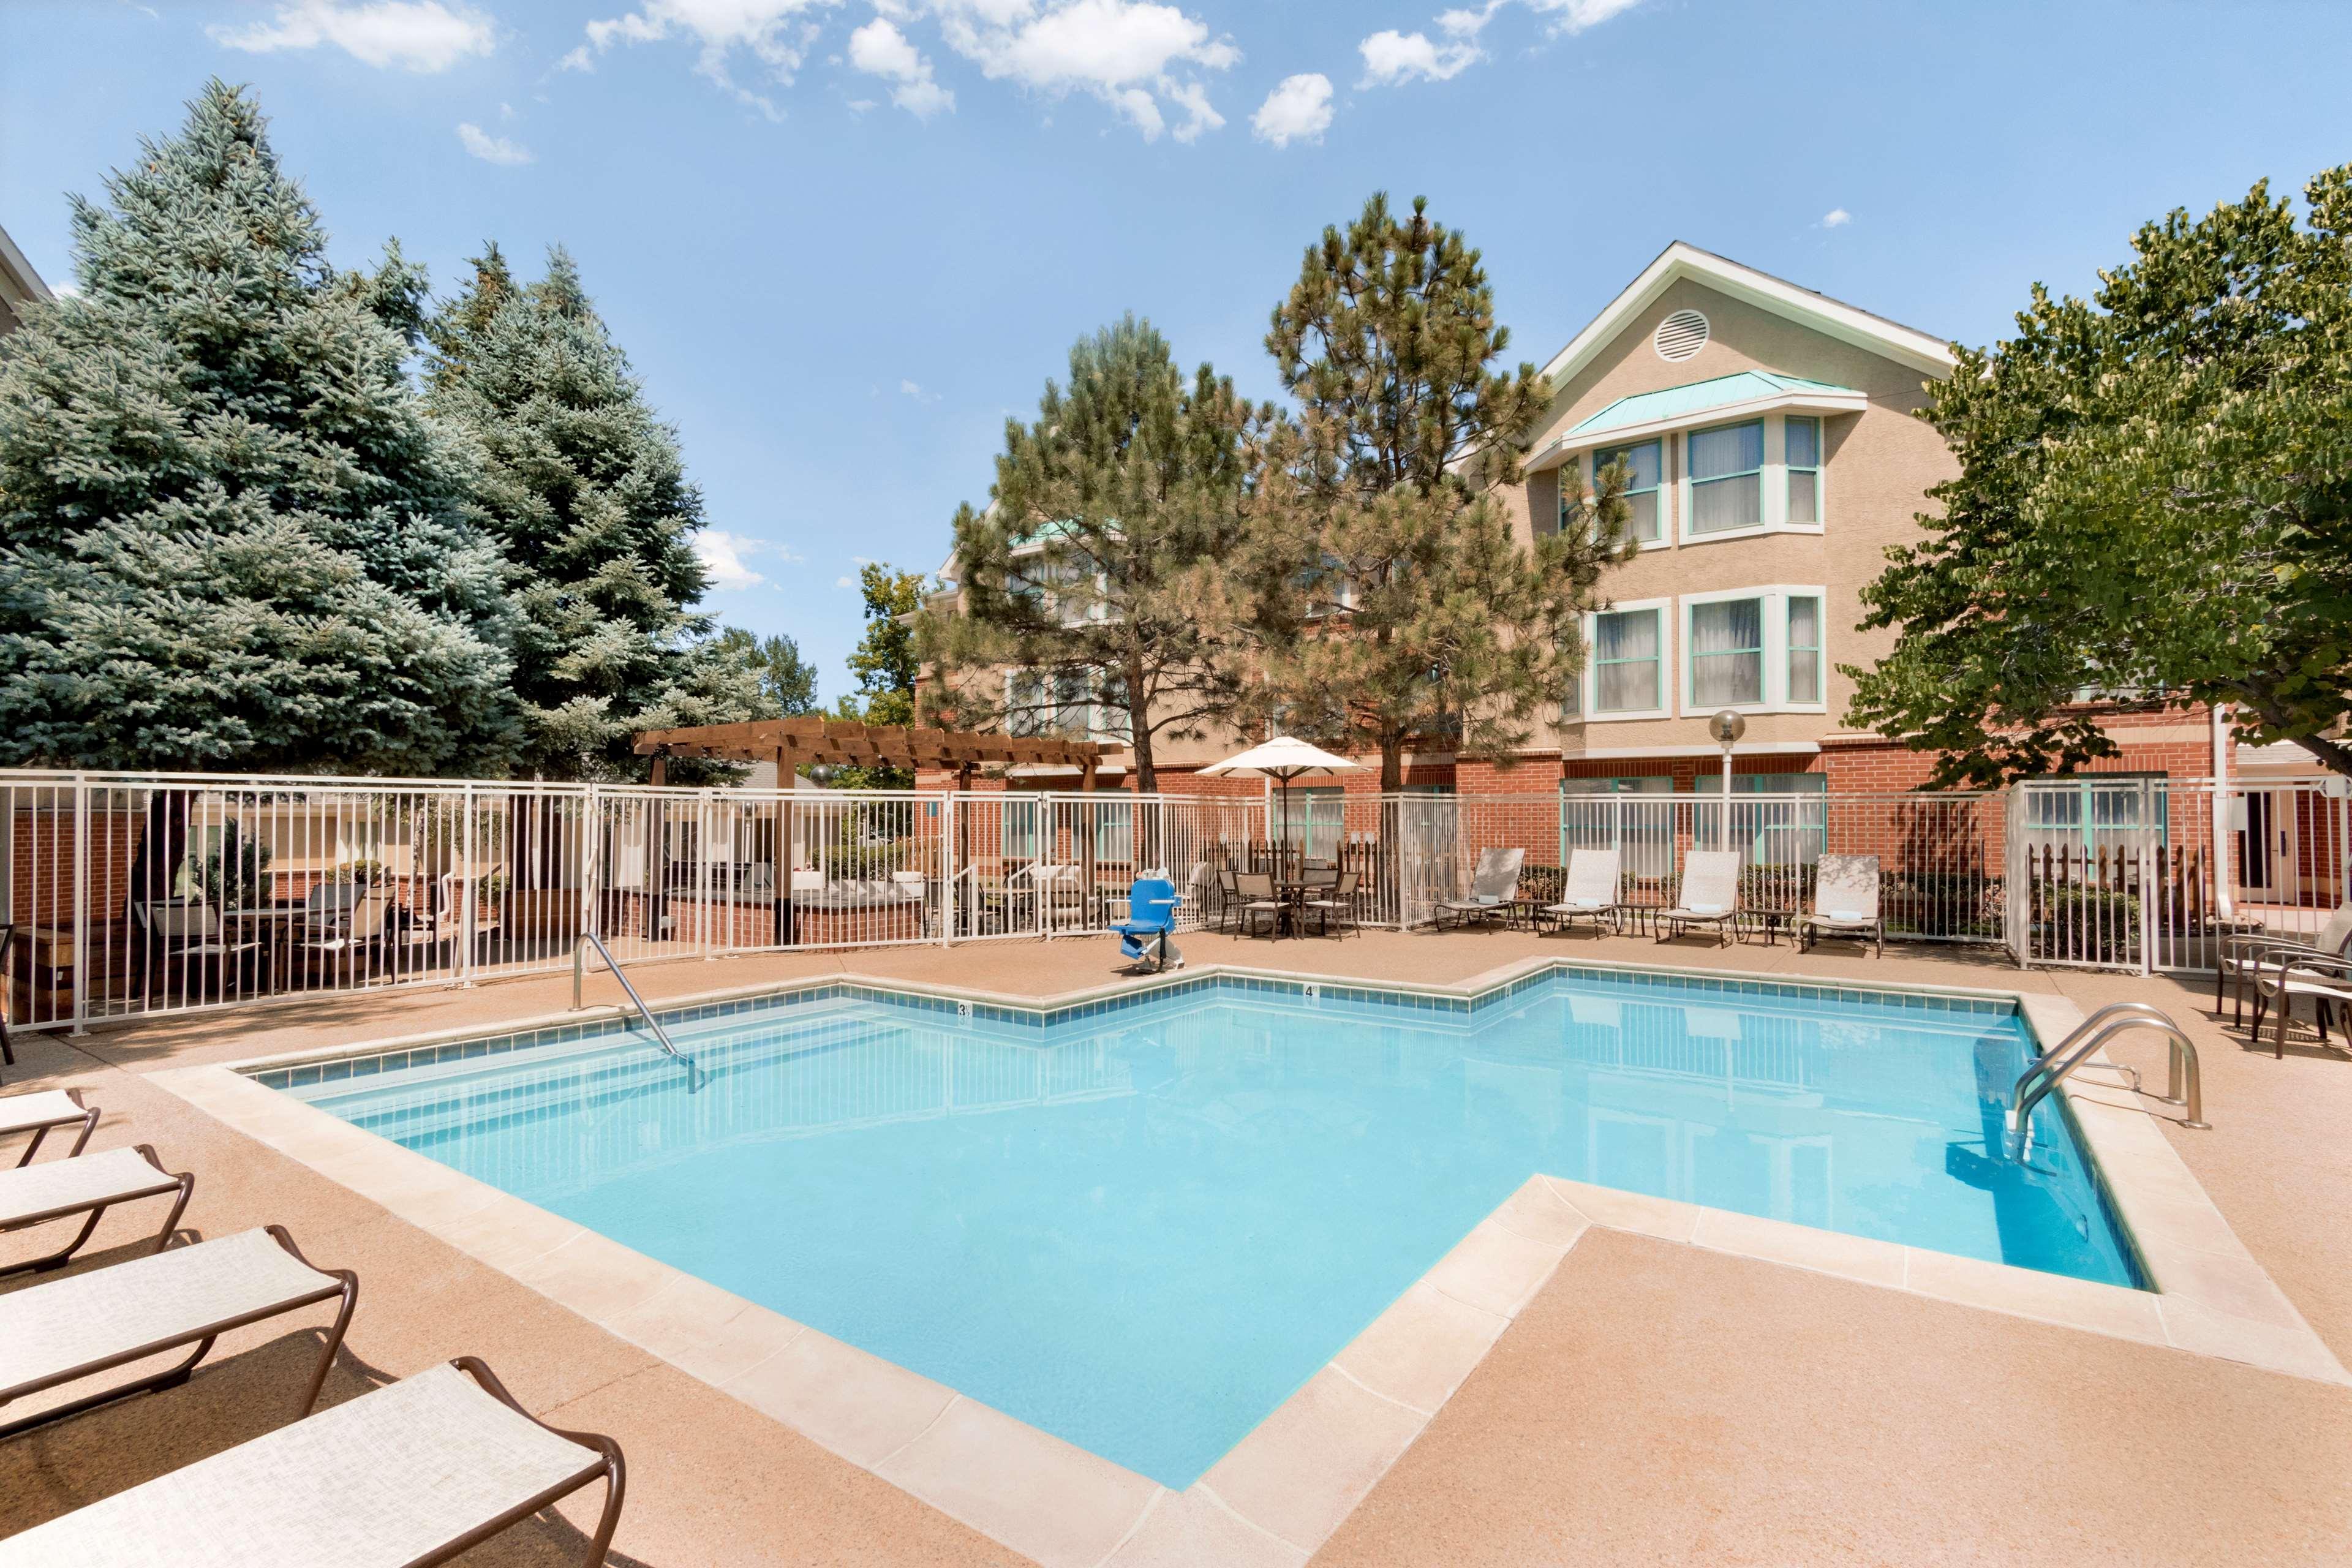 Homewood Suites by Hilton - Boulder image 9